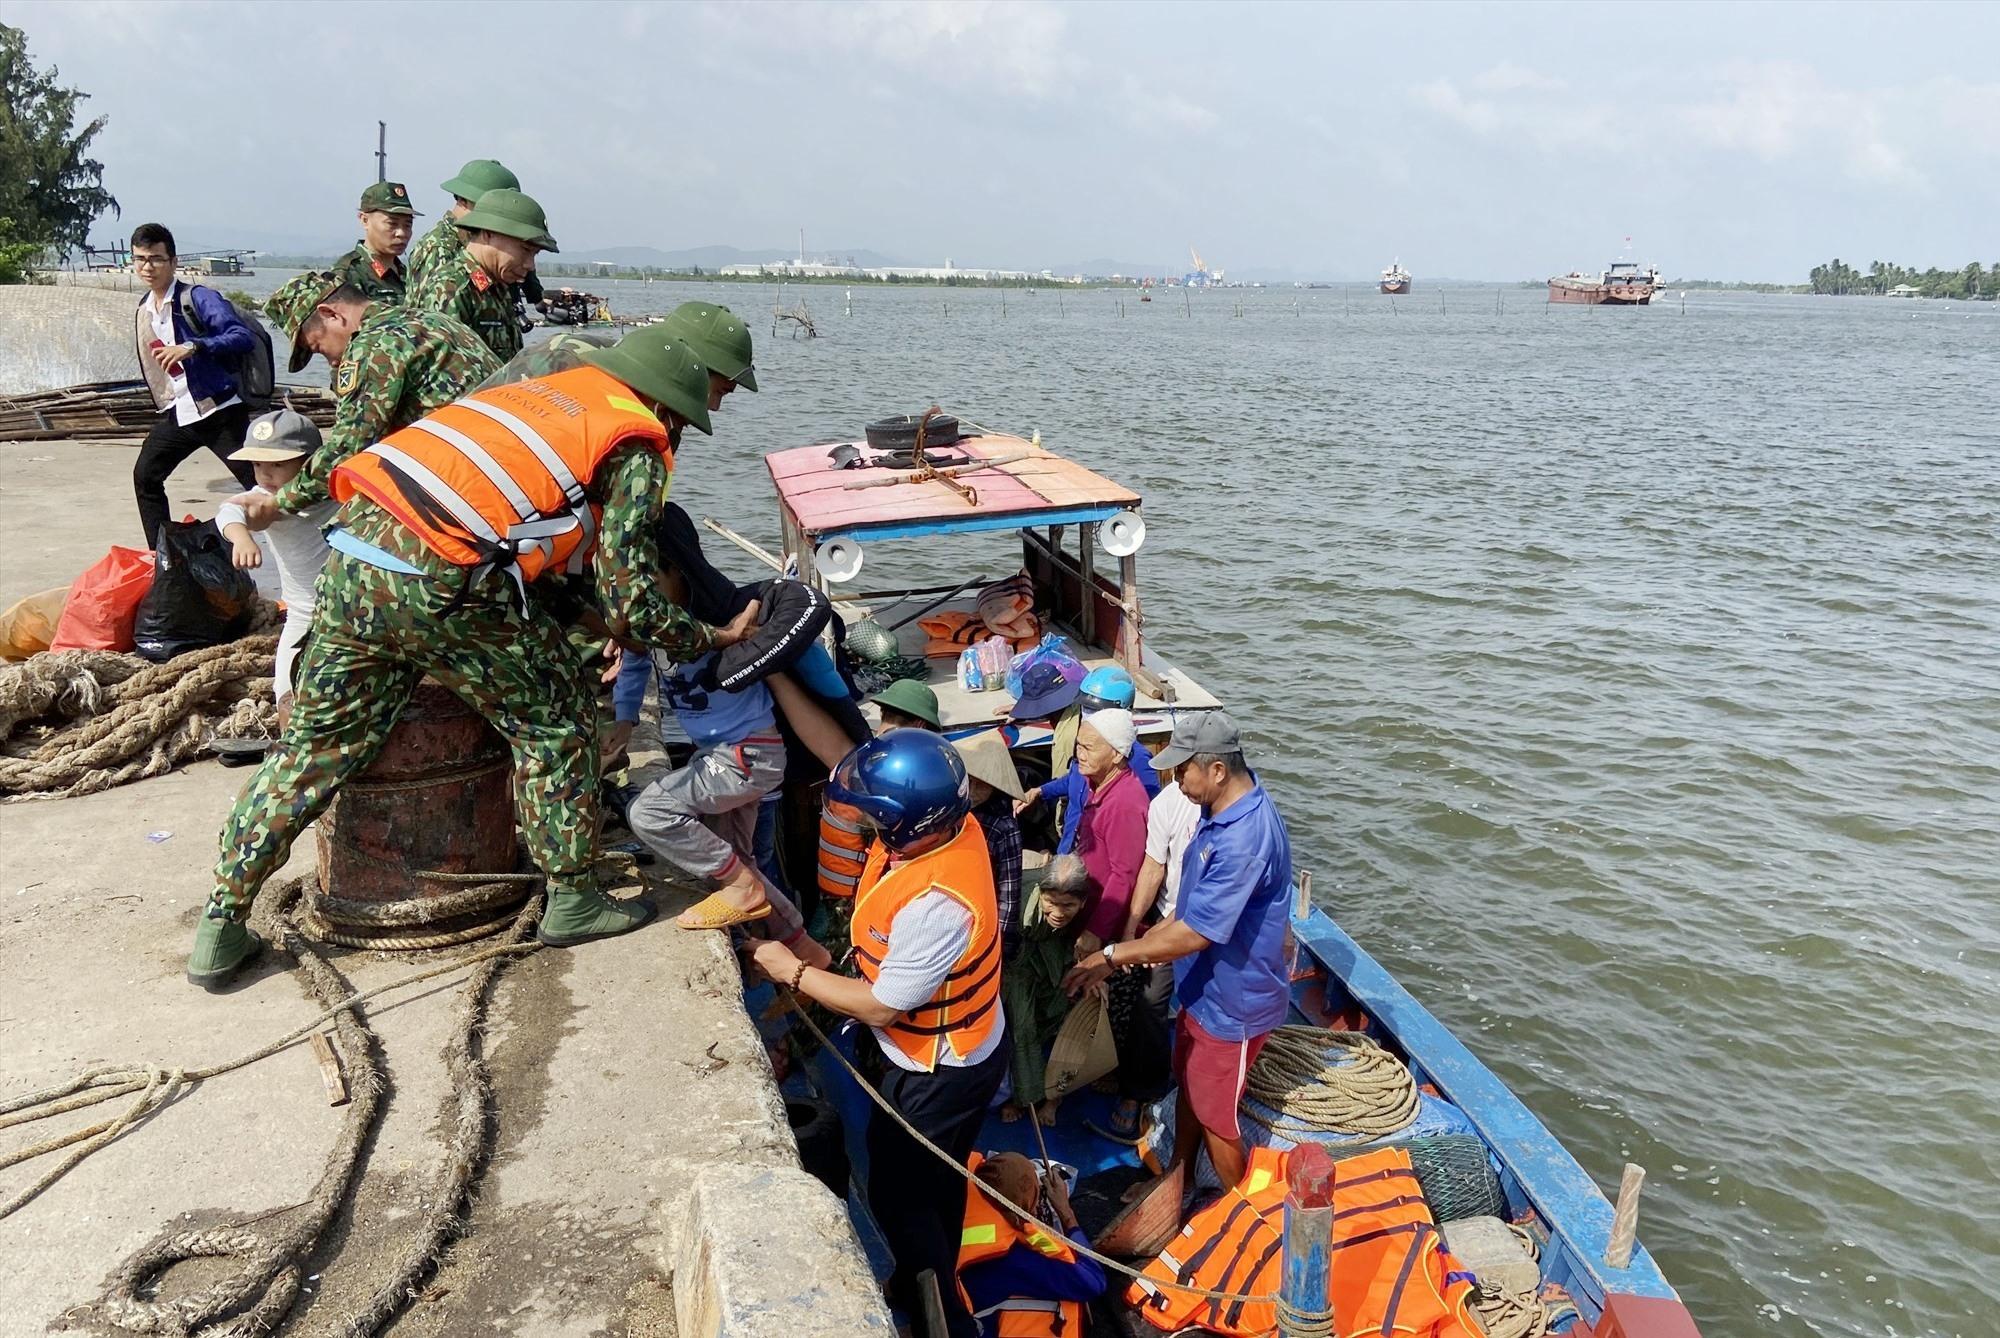 Riêng huyện Núi Thành đã sơ tán hơn 2.500 hộ và đang tiếp tục vận động người dân đến nơi trú ẩn an toàn trước 17 giờ chiều nay.